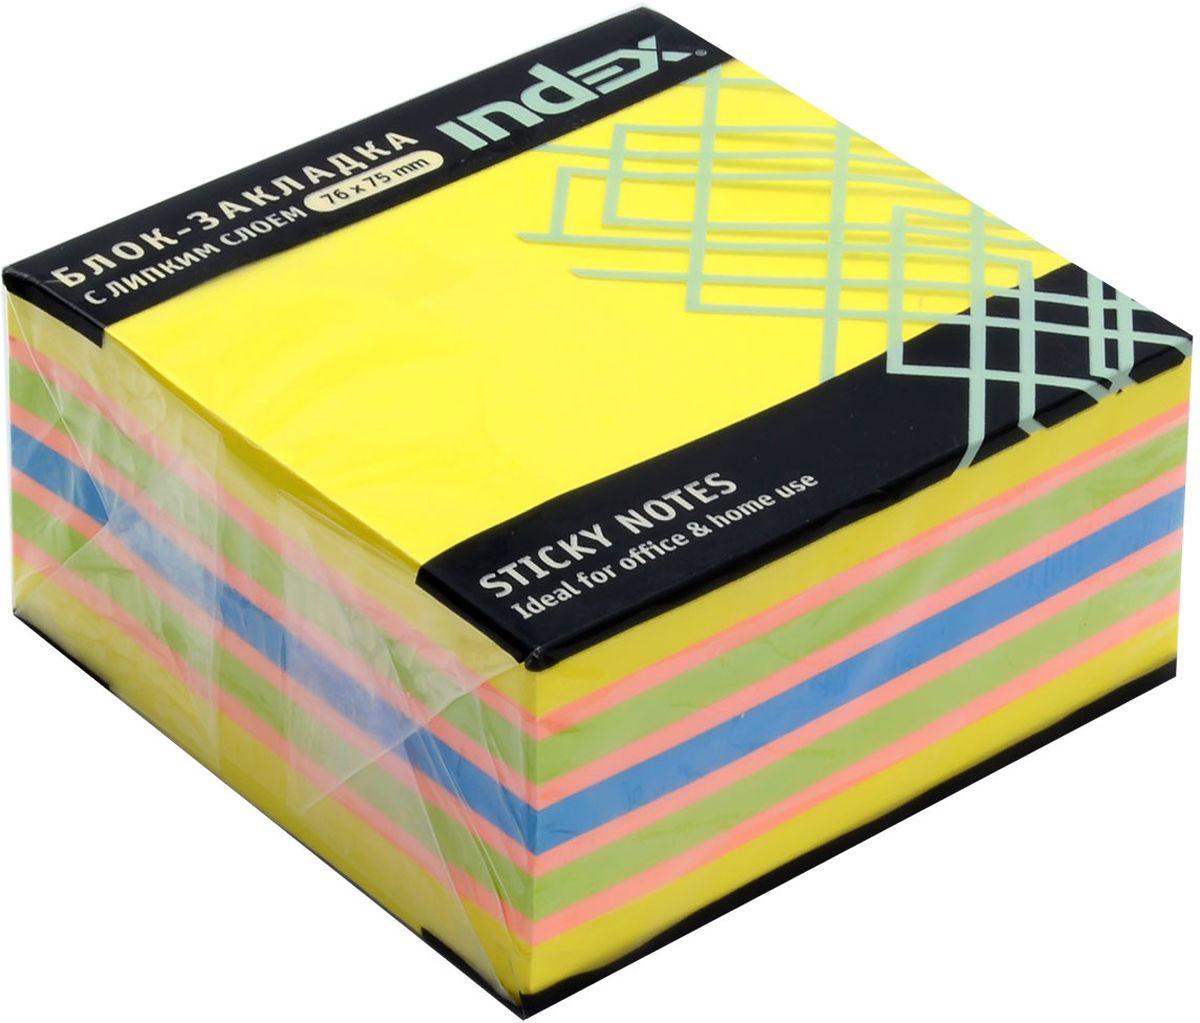 Index Бумага для заметок с липким слоем 7,6 х 7,5 см цвет желтый 400 листов I433812I433812Бумага для заметок с липким слоем Index обязательно привлечет внимание к вашему сообщению. Листочки легко приклеиваются к любой поверхности, будь то бумага, корпус монитора, дверь. Не оставляют следов после отклеивания.